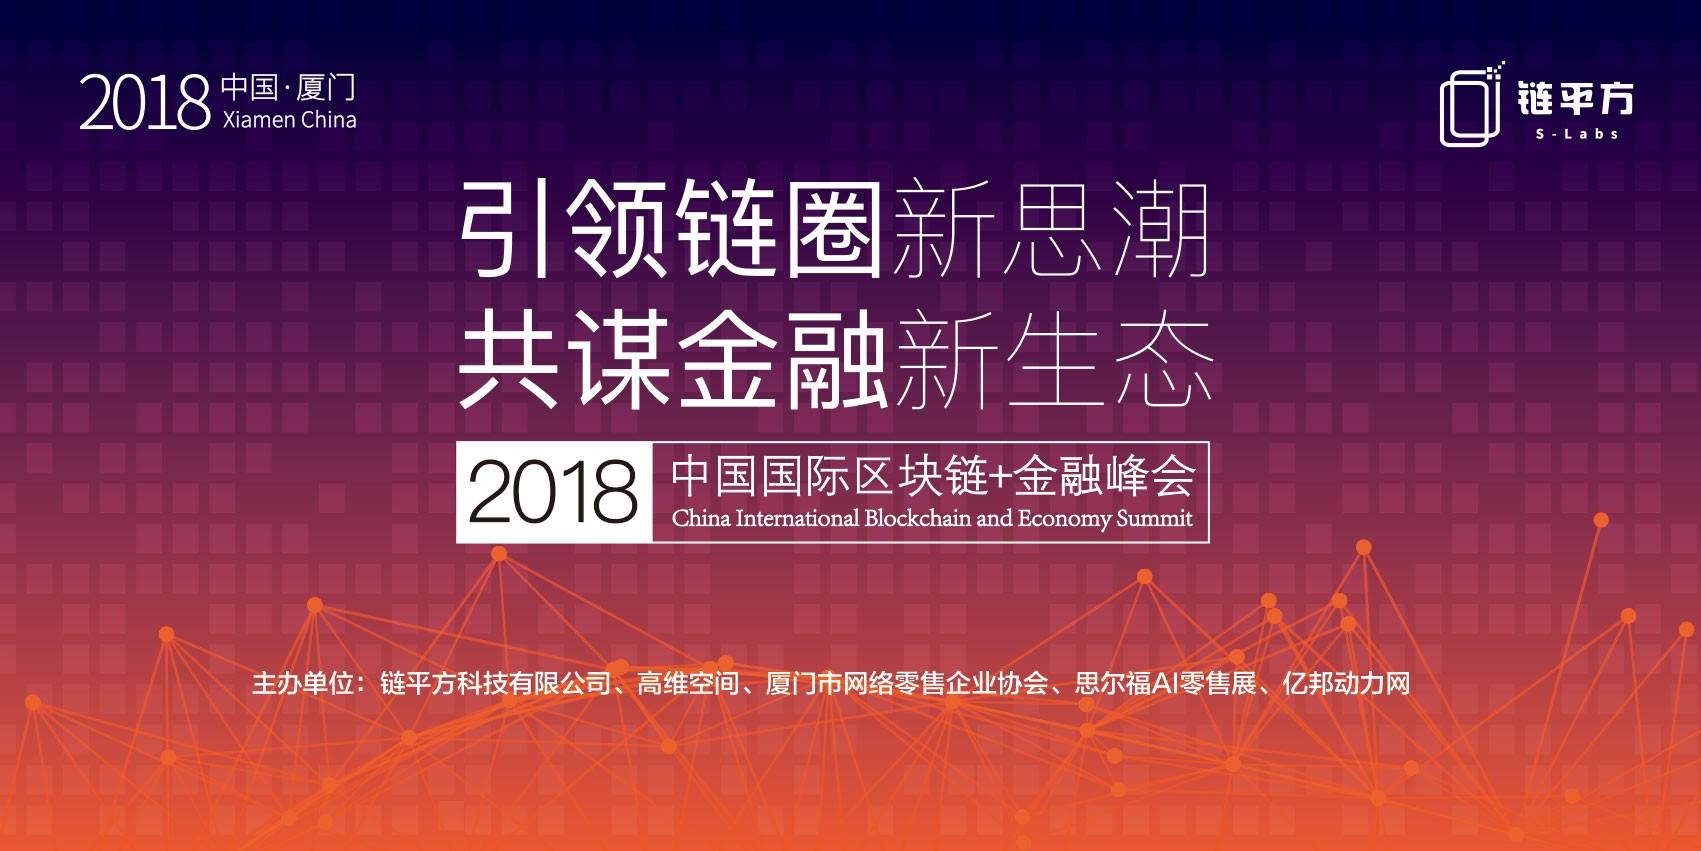 2018中国国际区块链+金融峰会即将开幕